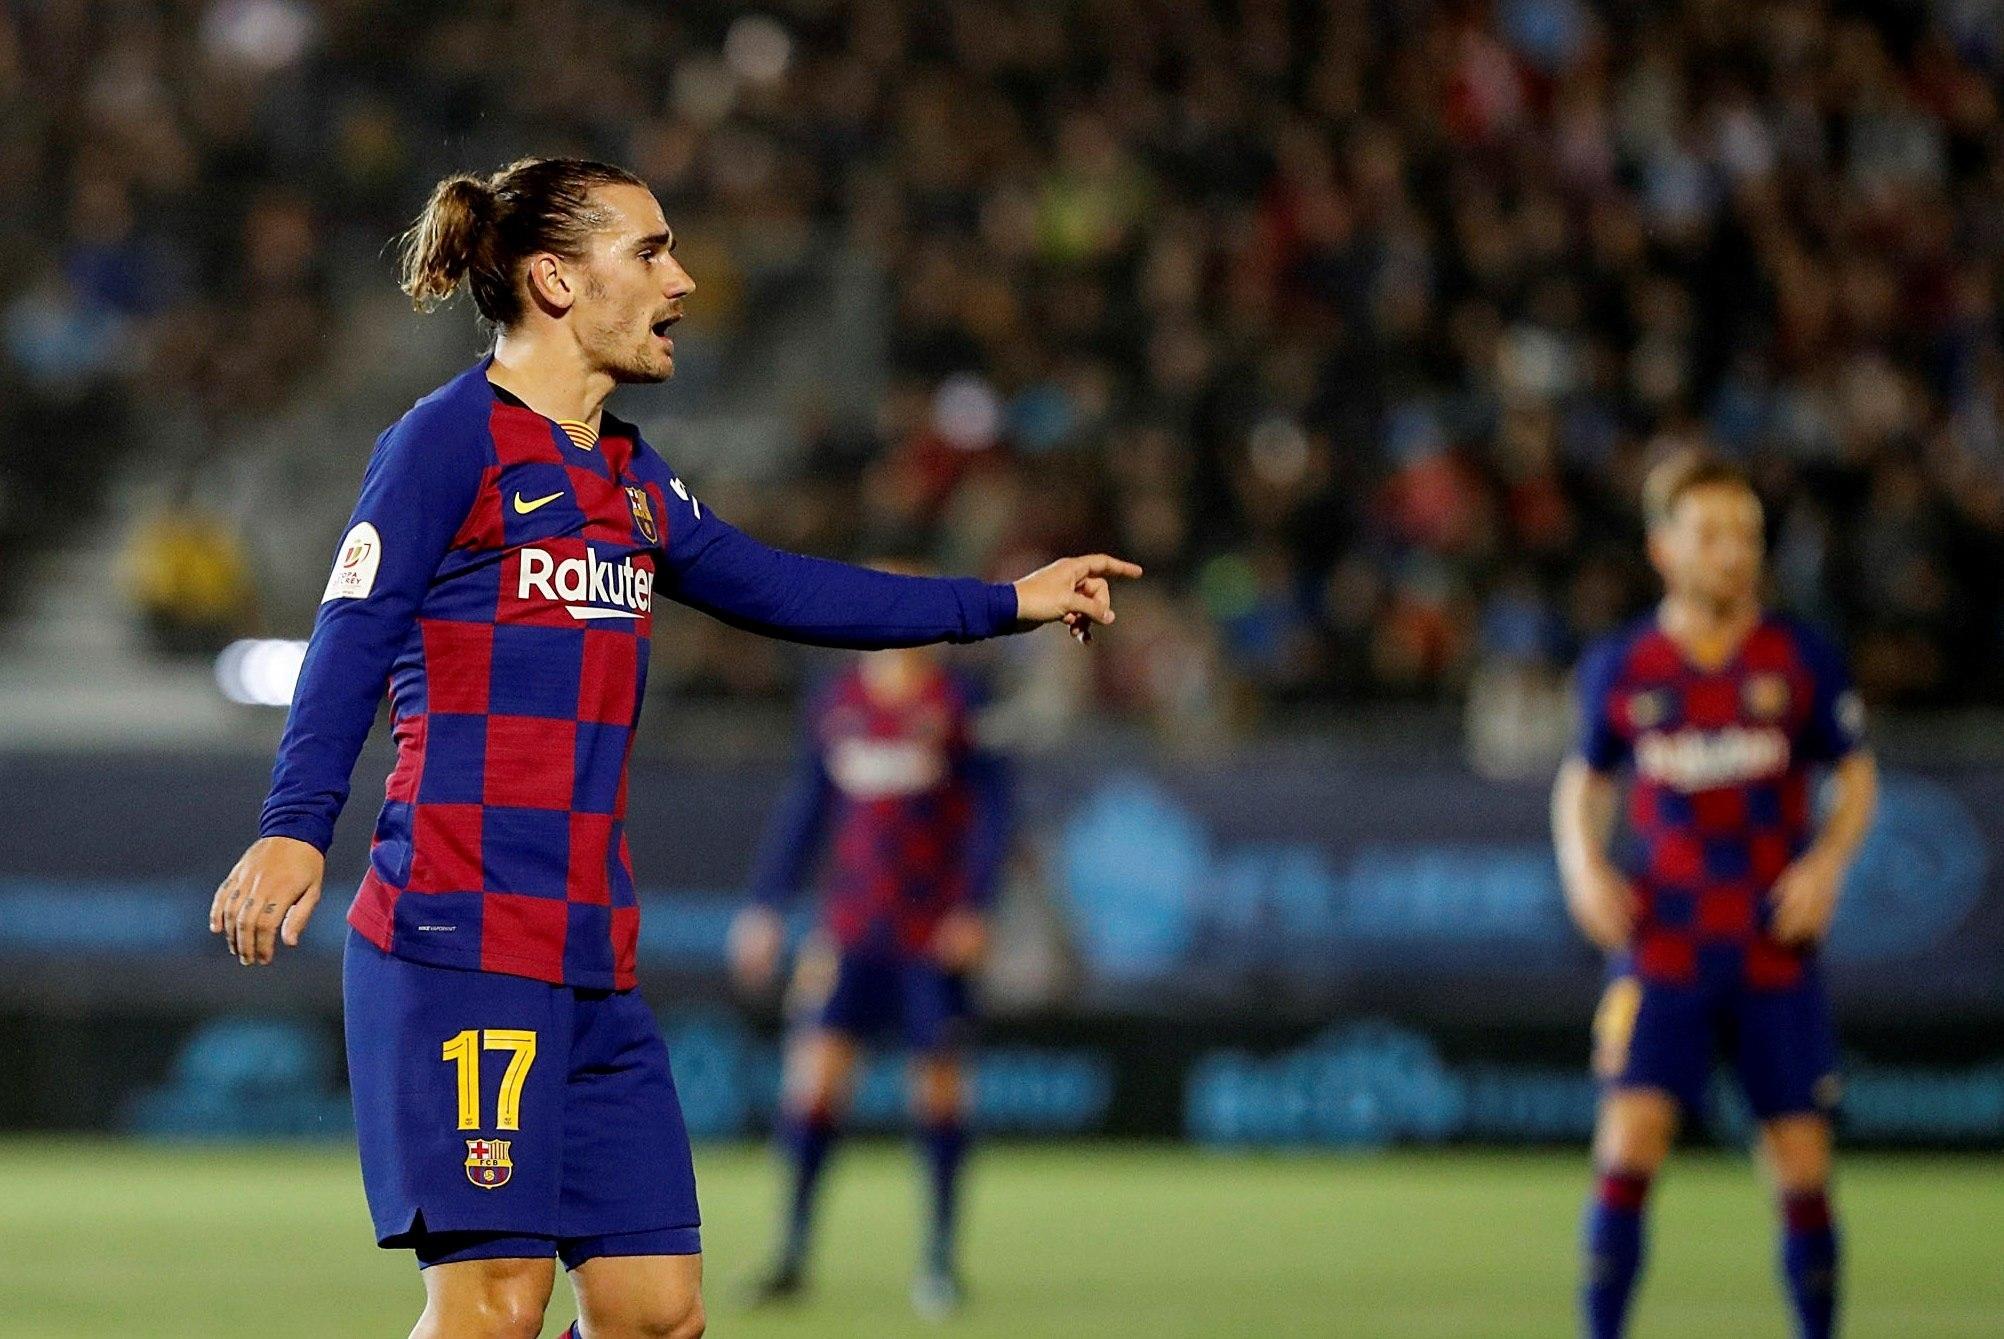 Третодивизонният Ибиса посреща като домакин лидера в Ла Лига Барселона